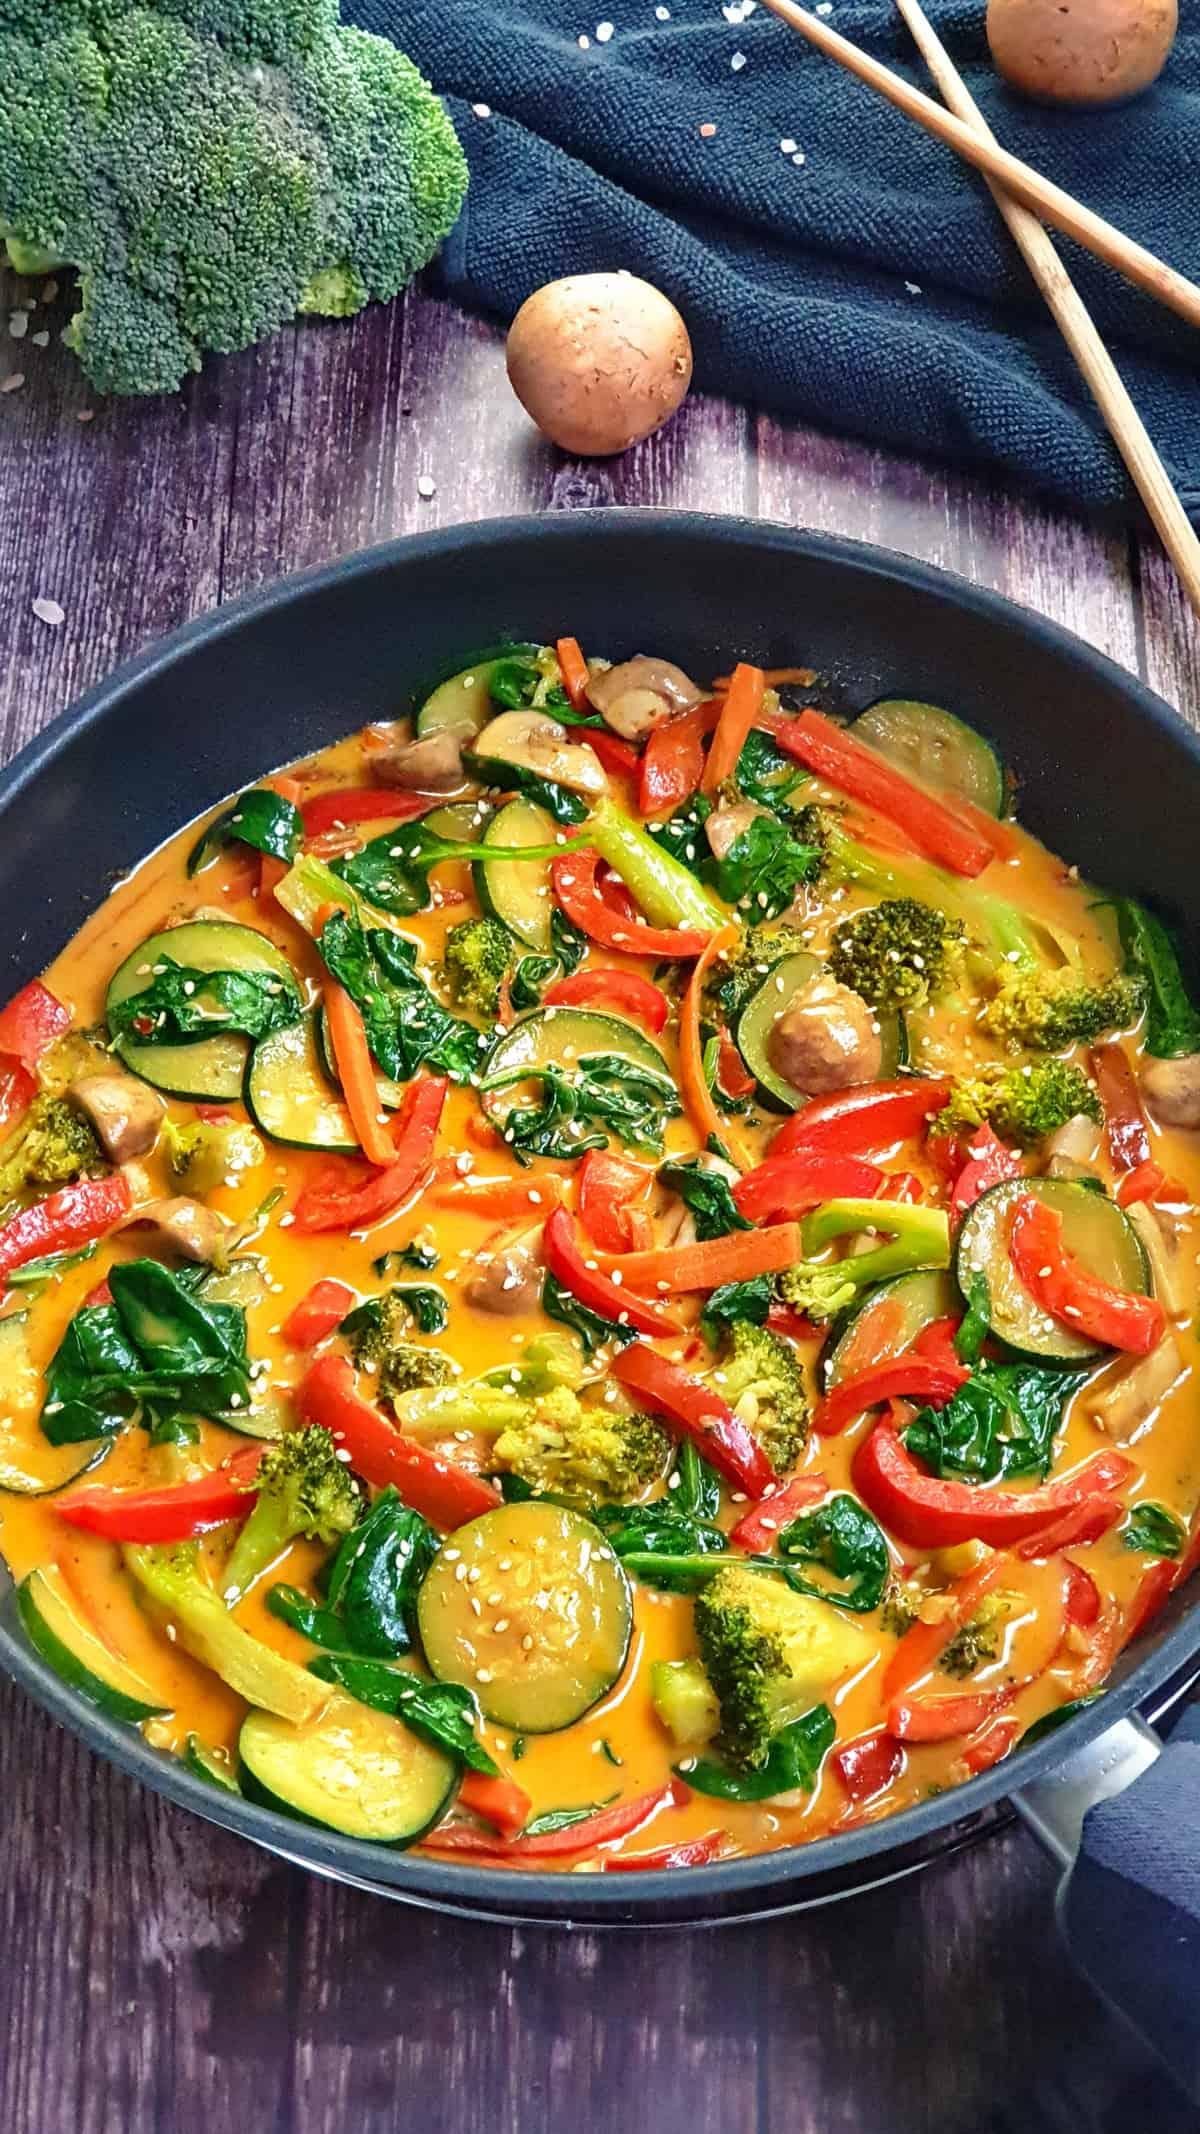 In einer Pfanne ein Gemüse Curry mit Kokosmilch. Mit Sesam bestreut. Im Hintergrund Deko.